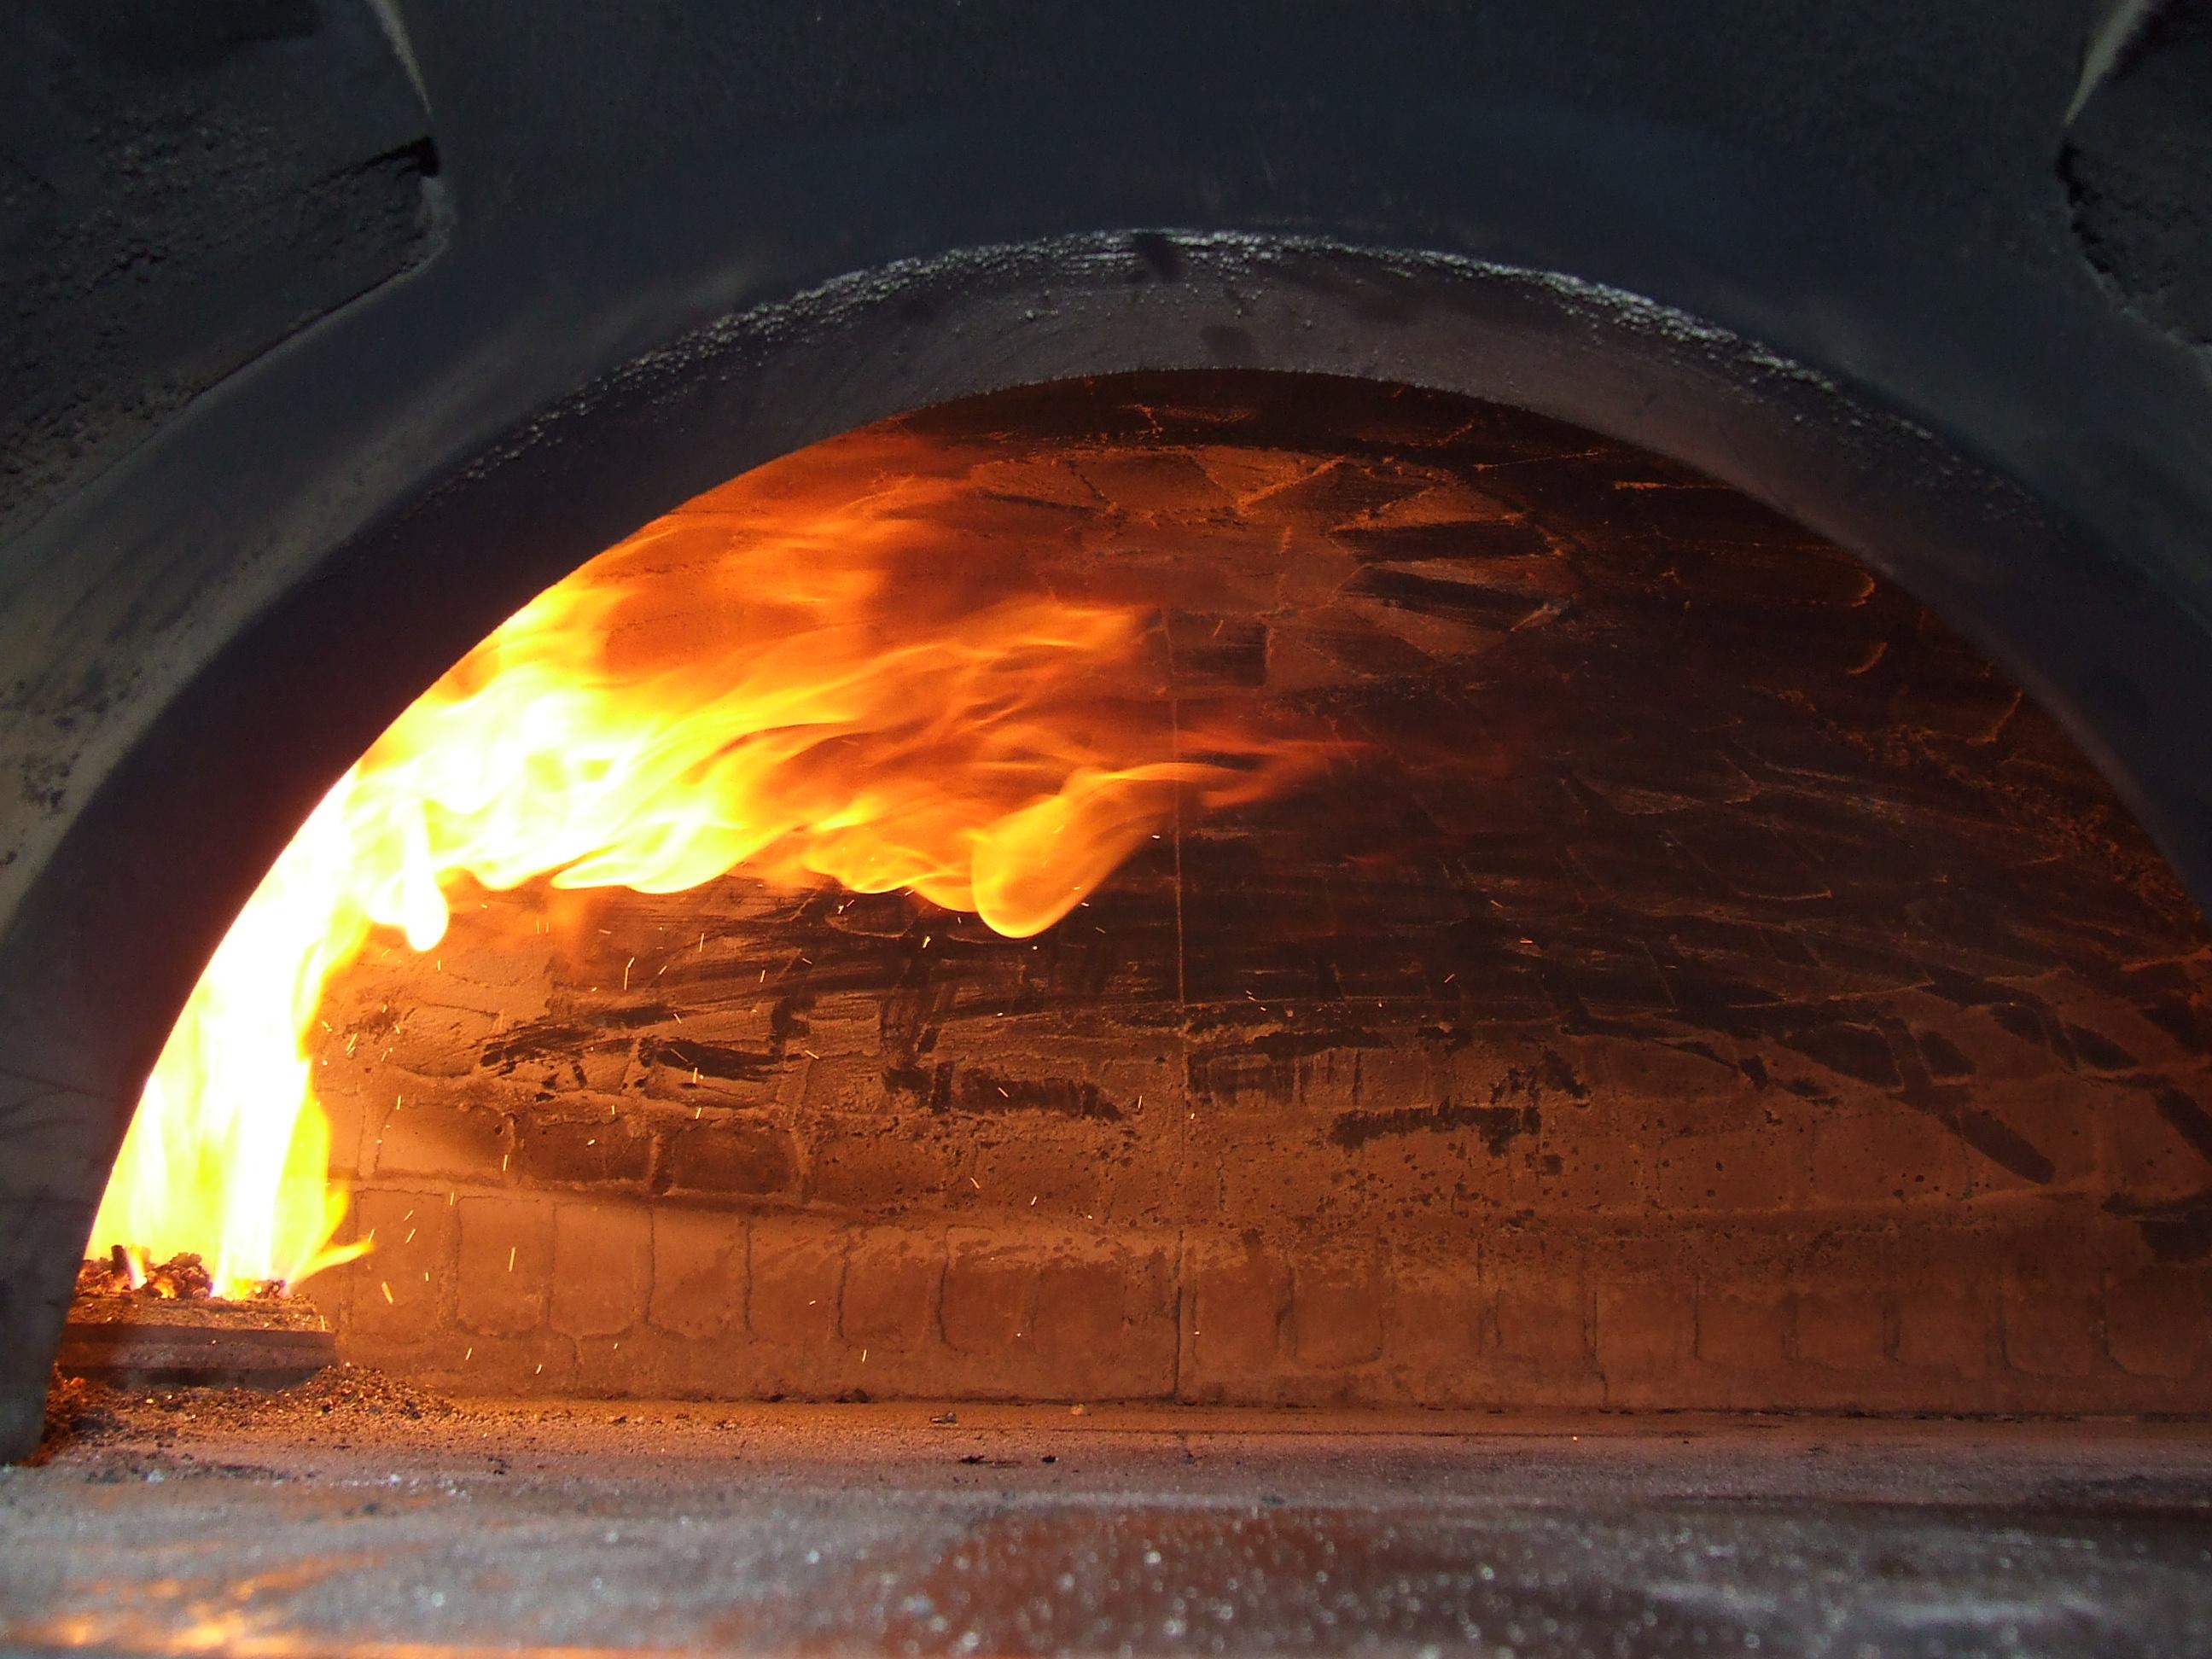 Bruciatori forni pizza pane - Forni per pizza a legna per casa ...